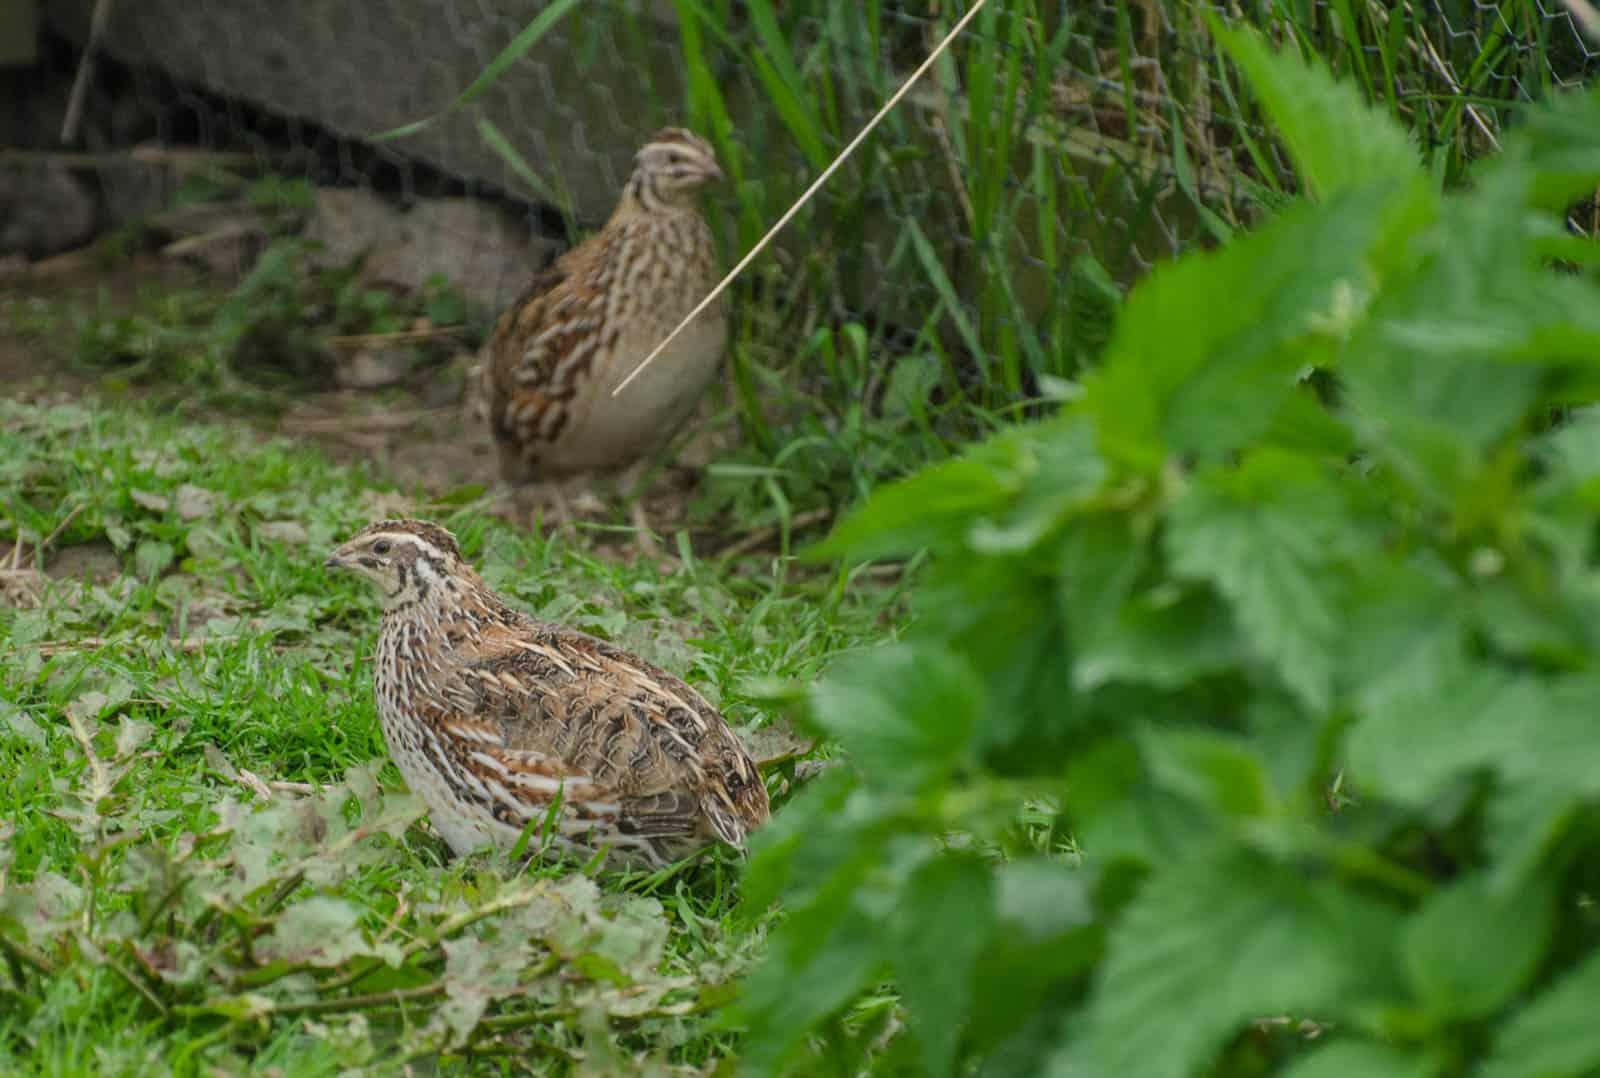 Sommartid gick mina vaktlar ute i en voljär. Nackdelen med att ha dem på sommarnöje är att de blir skyggare när de lever mer som i det vilda och det är svårare att hitta äggen..